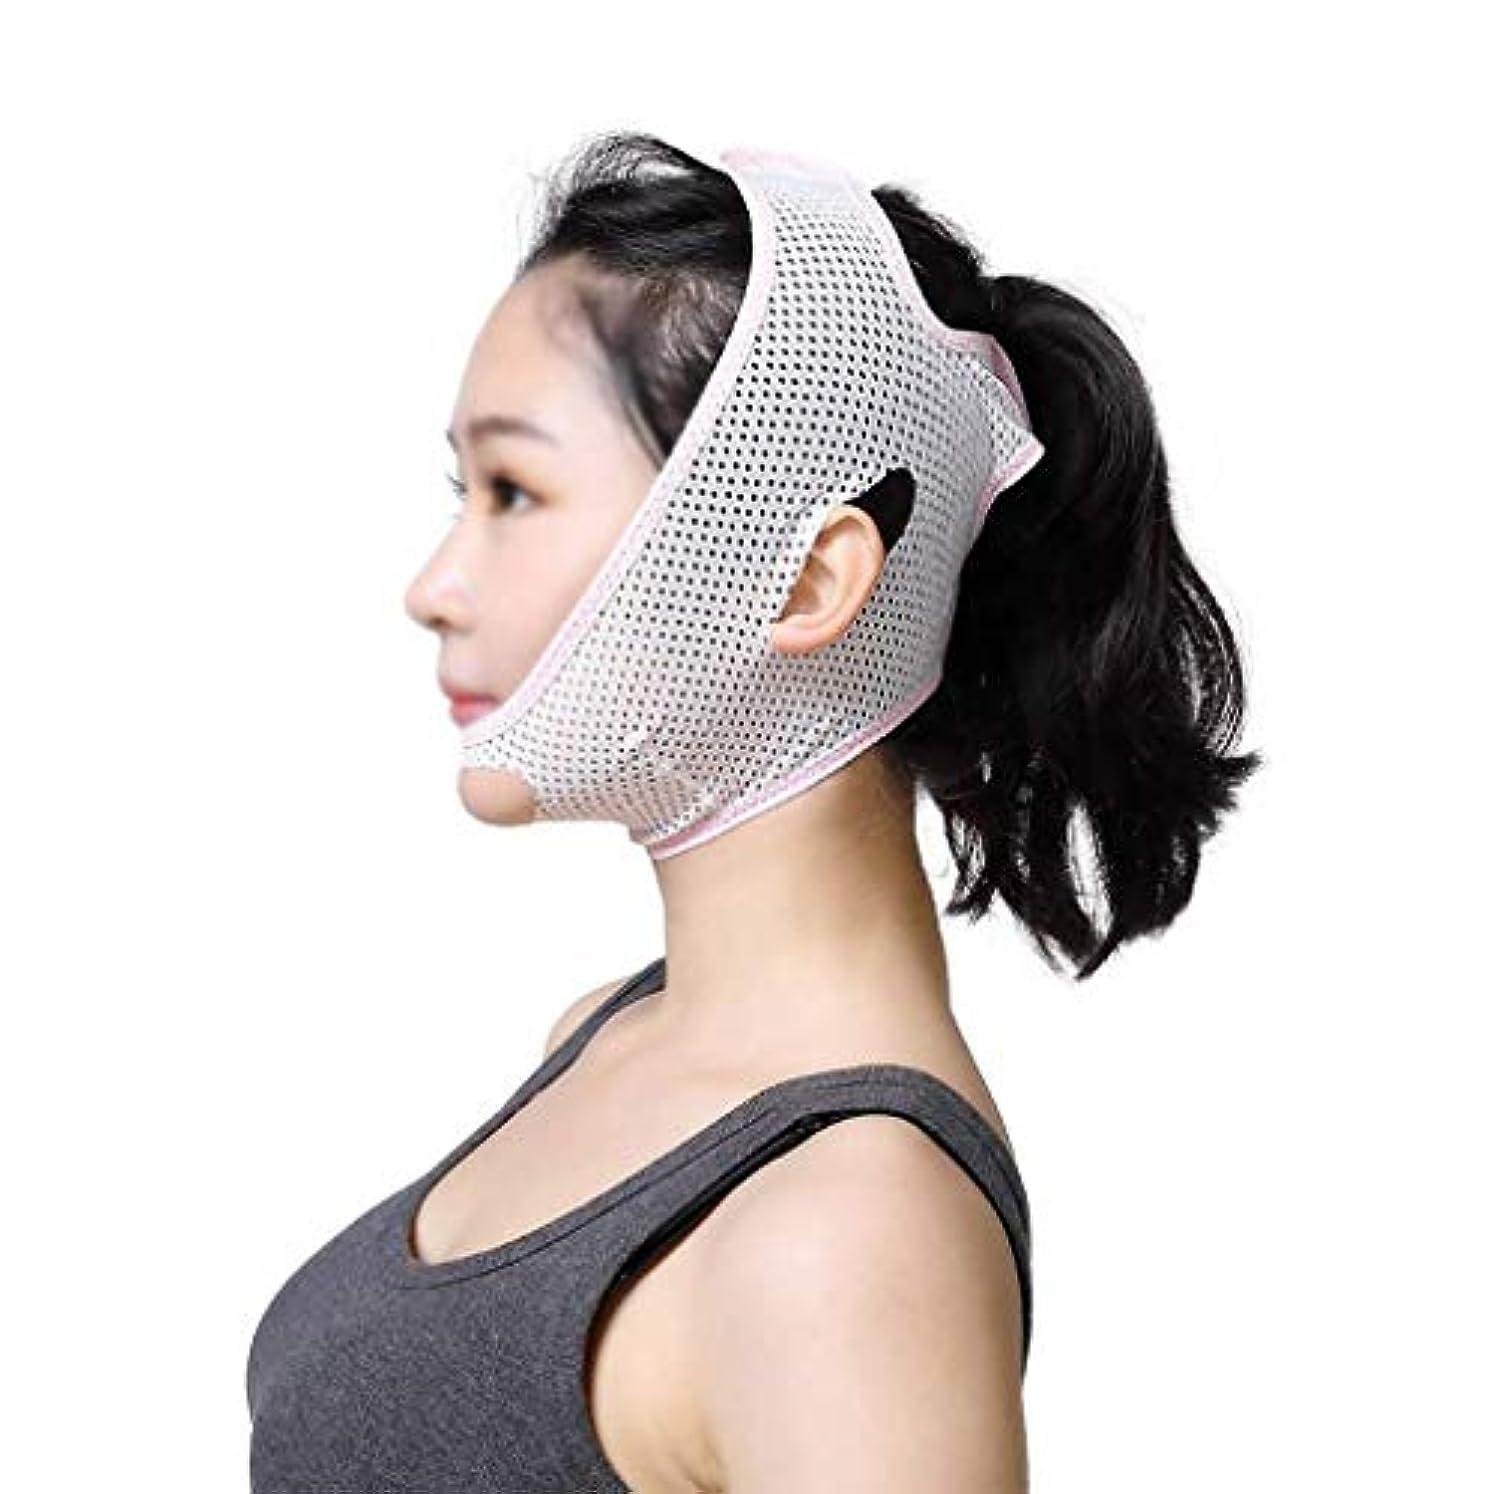 召集する不健康クラッシュあごのストラップ、二重あごの男性と女性のフェイスリフトフェイシャルへの美しさのマスクでポストフェイス補正を彫る通気性フェイスリフトアーティファクト睡眠包帯ライン(サイズ:M)